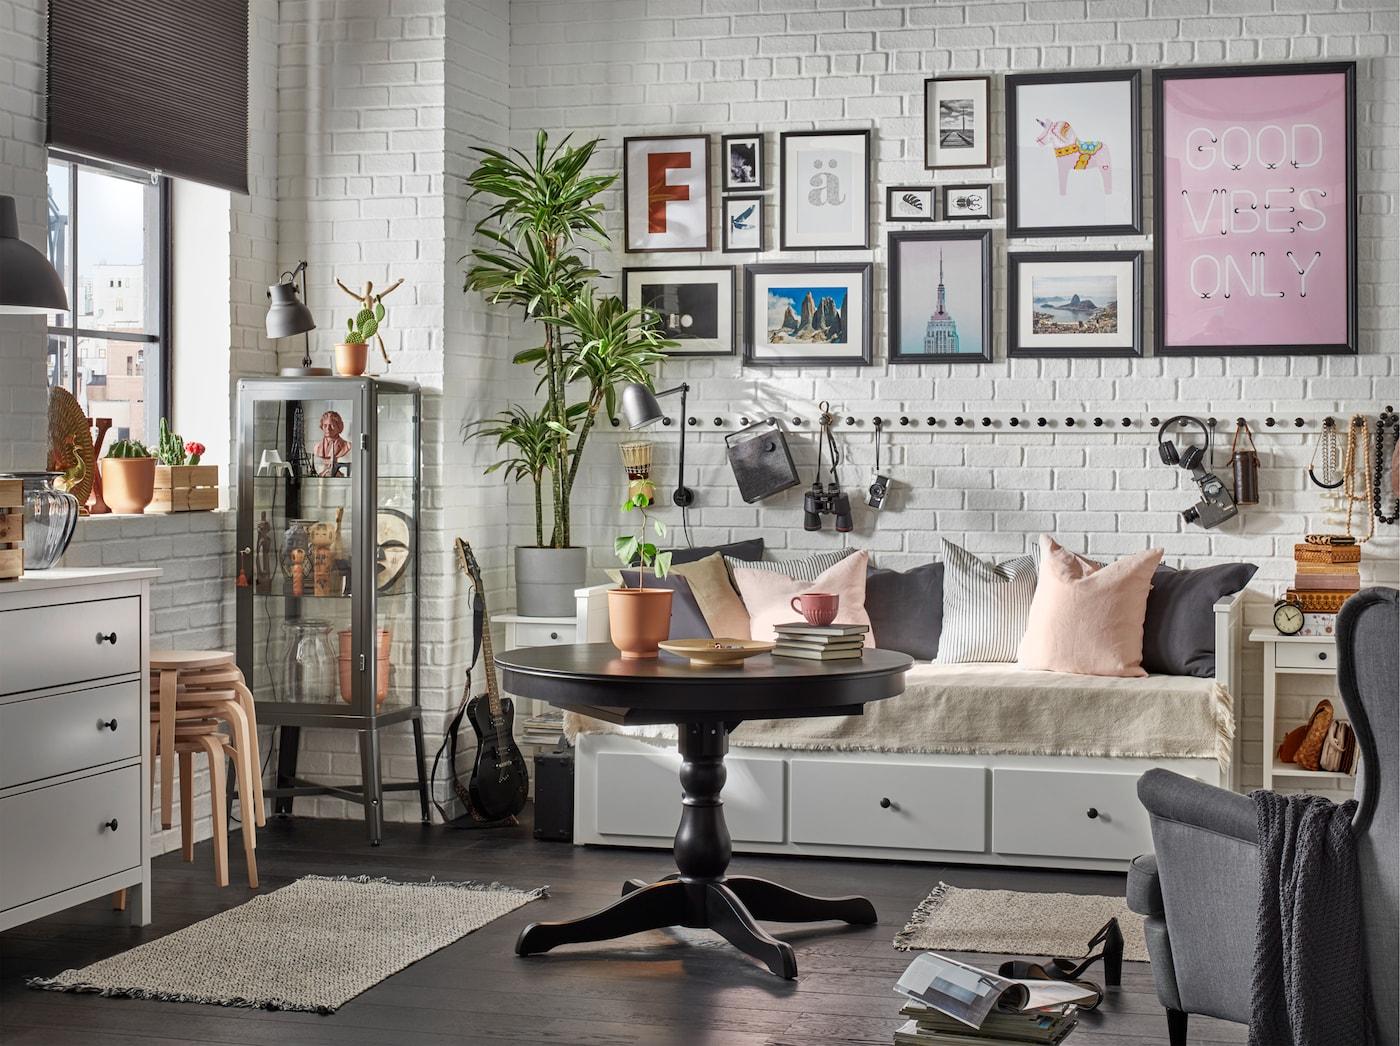 Ein traditionelles Wohn- und Schlafzimmer mit weißer Kommode, Ohrensessel, schwarzem Ausziehtisch, weißem Tagesbett und Teppich.